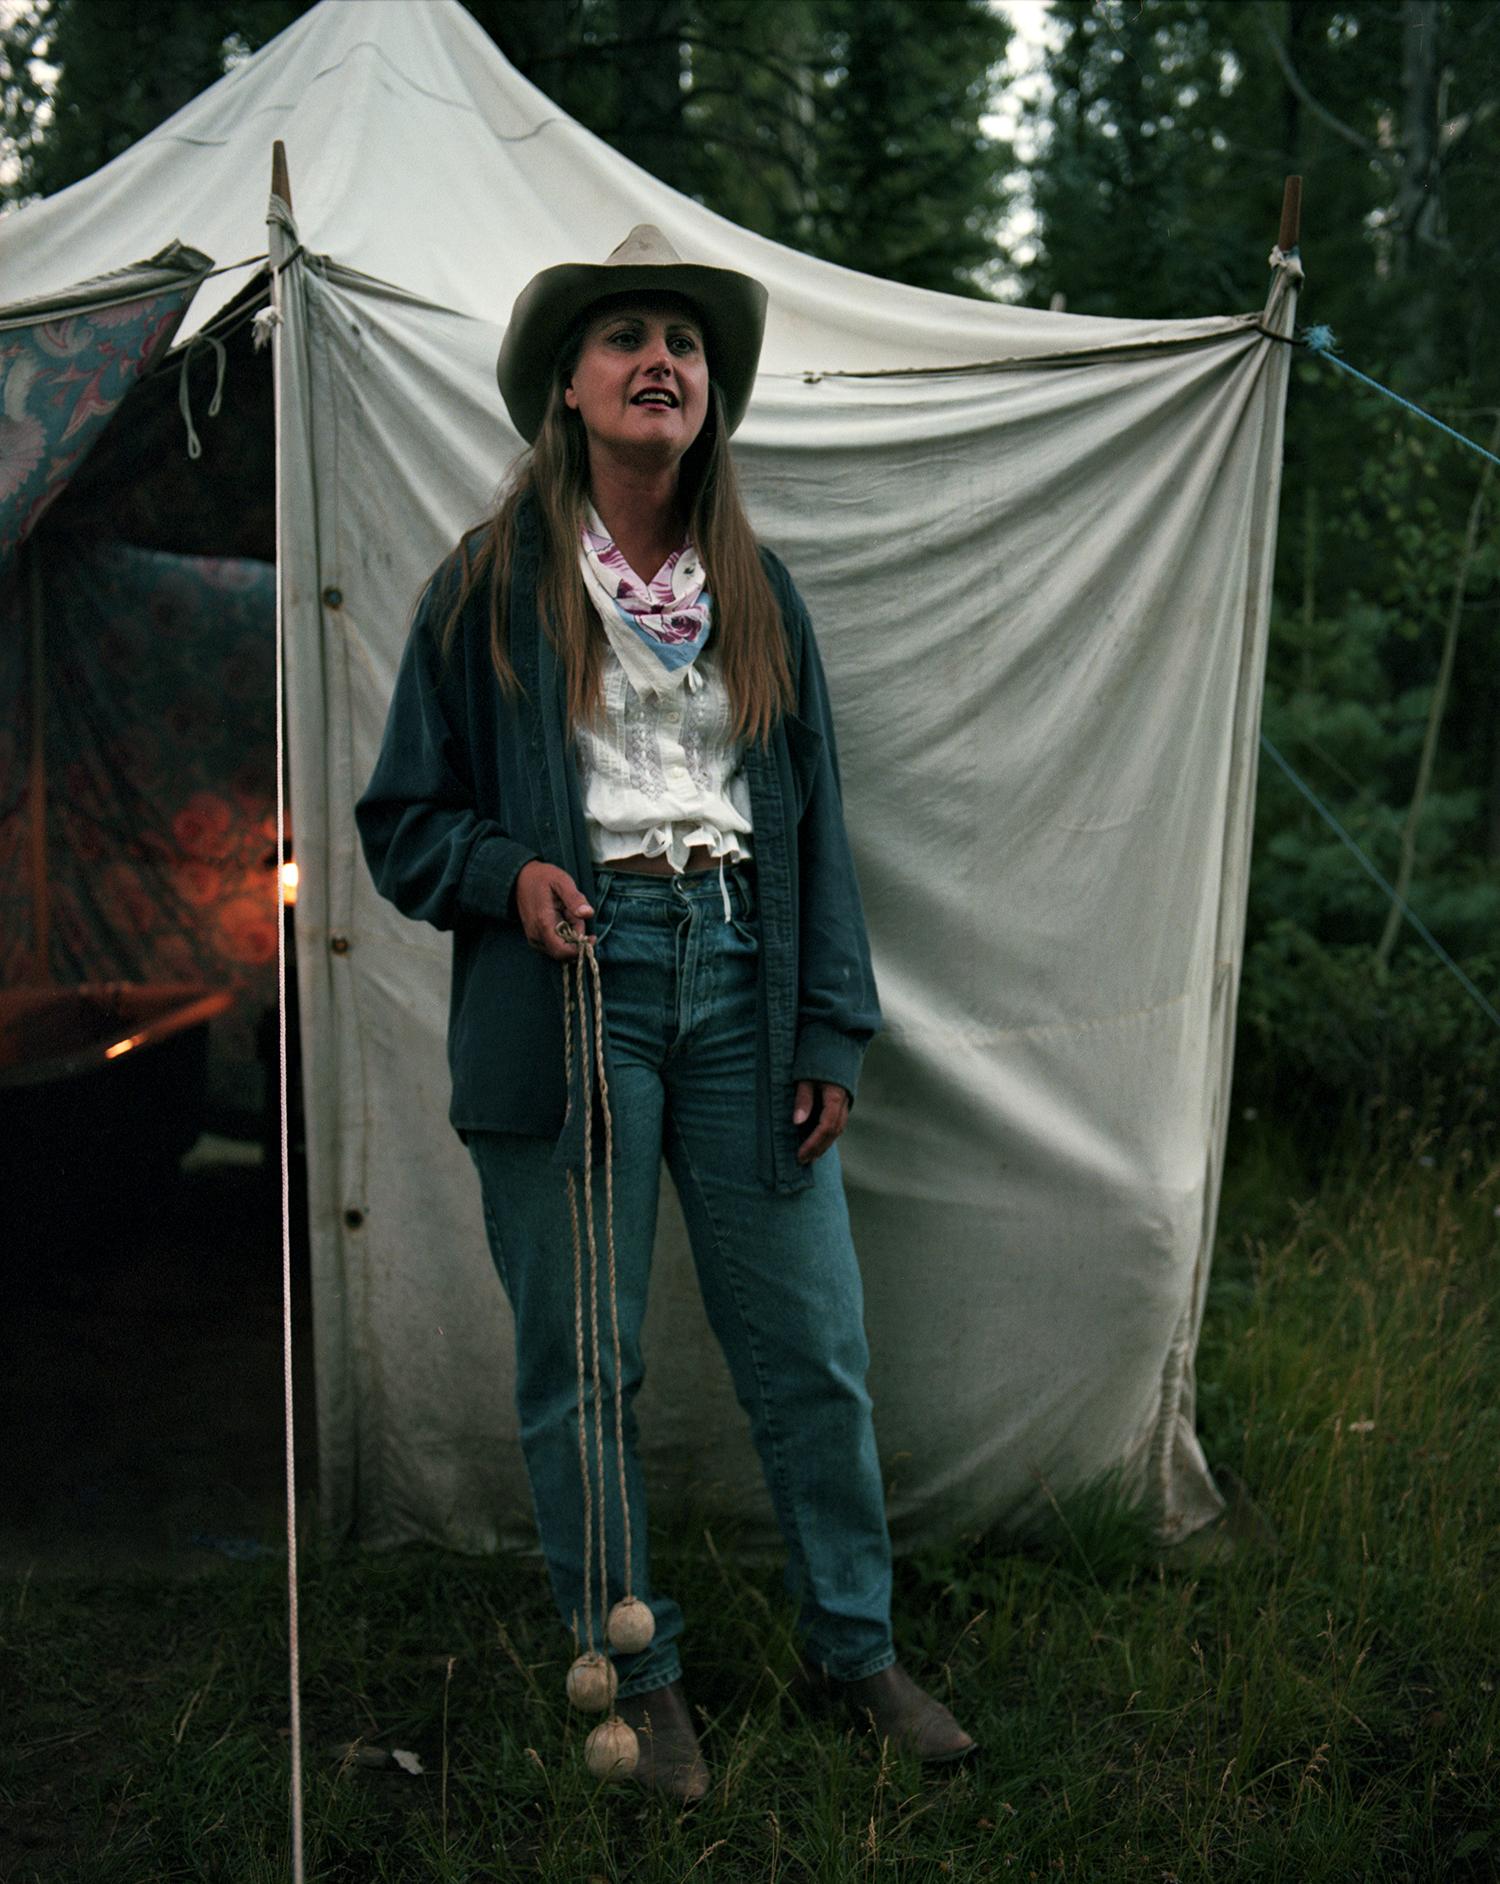 Am West Cowgirl008.jpg